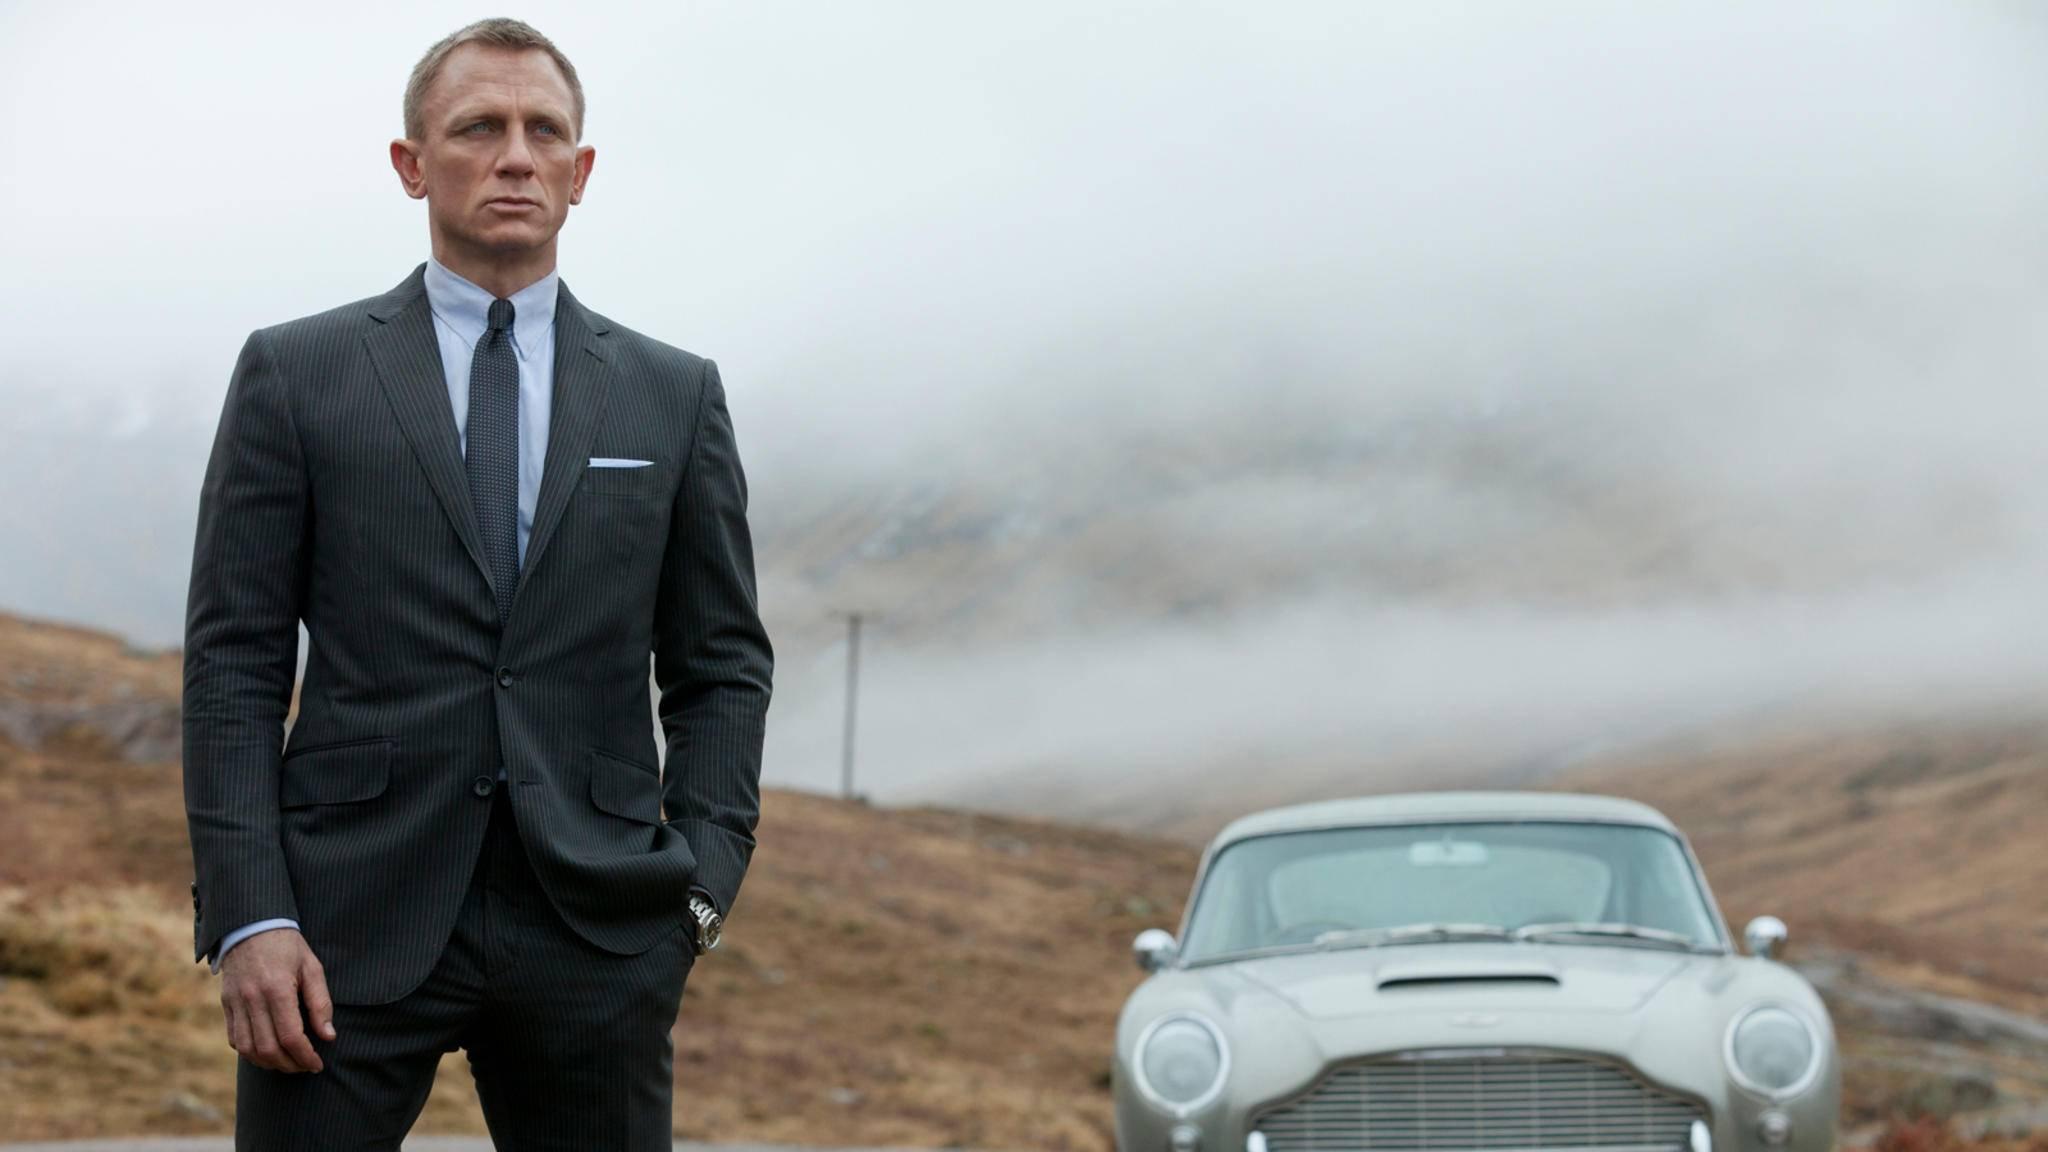 Dolce Vita für James Bond? Trotz Drehort Italien wohl eher nicht ...